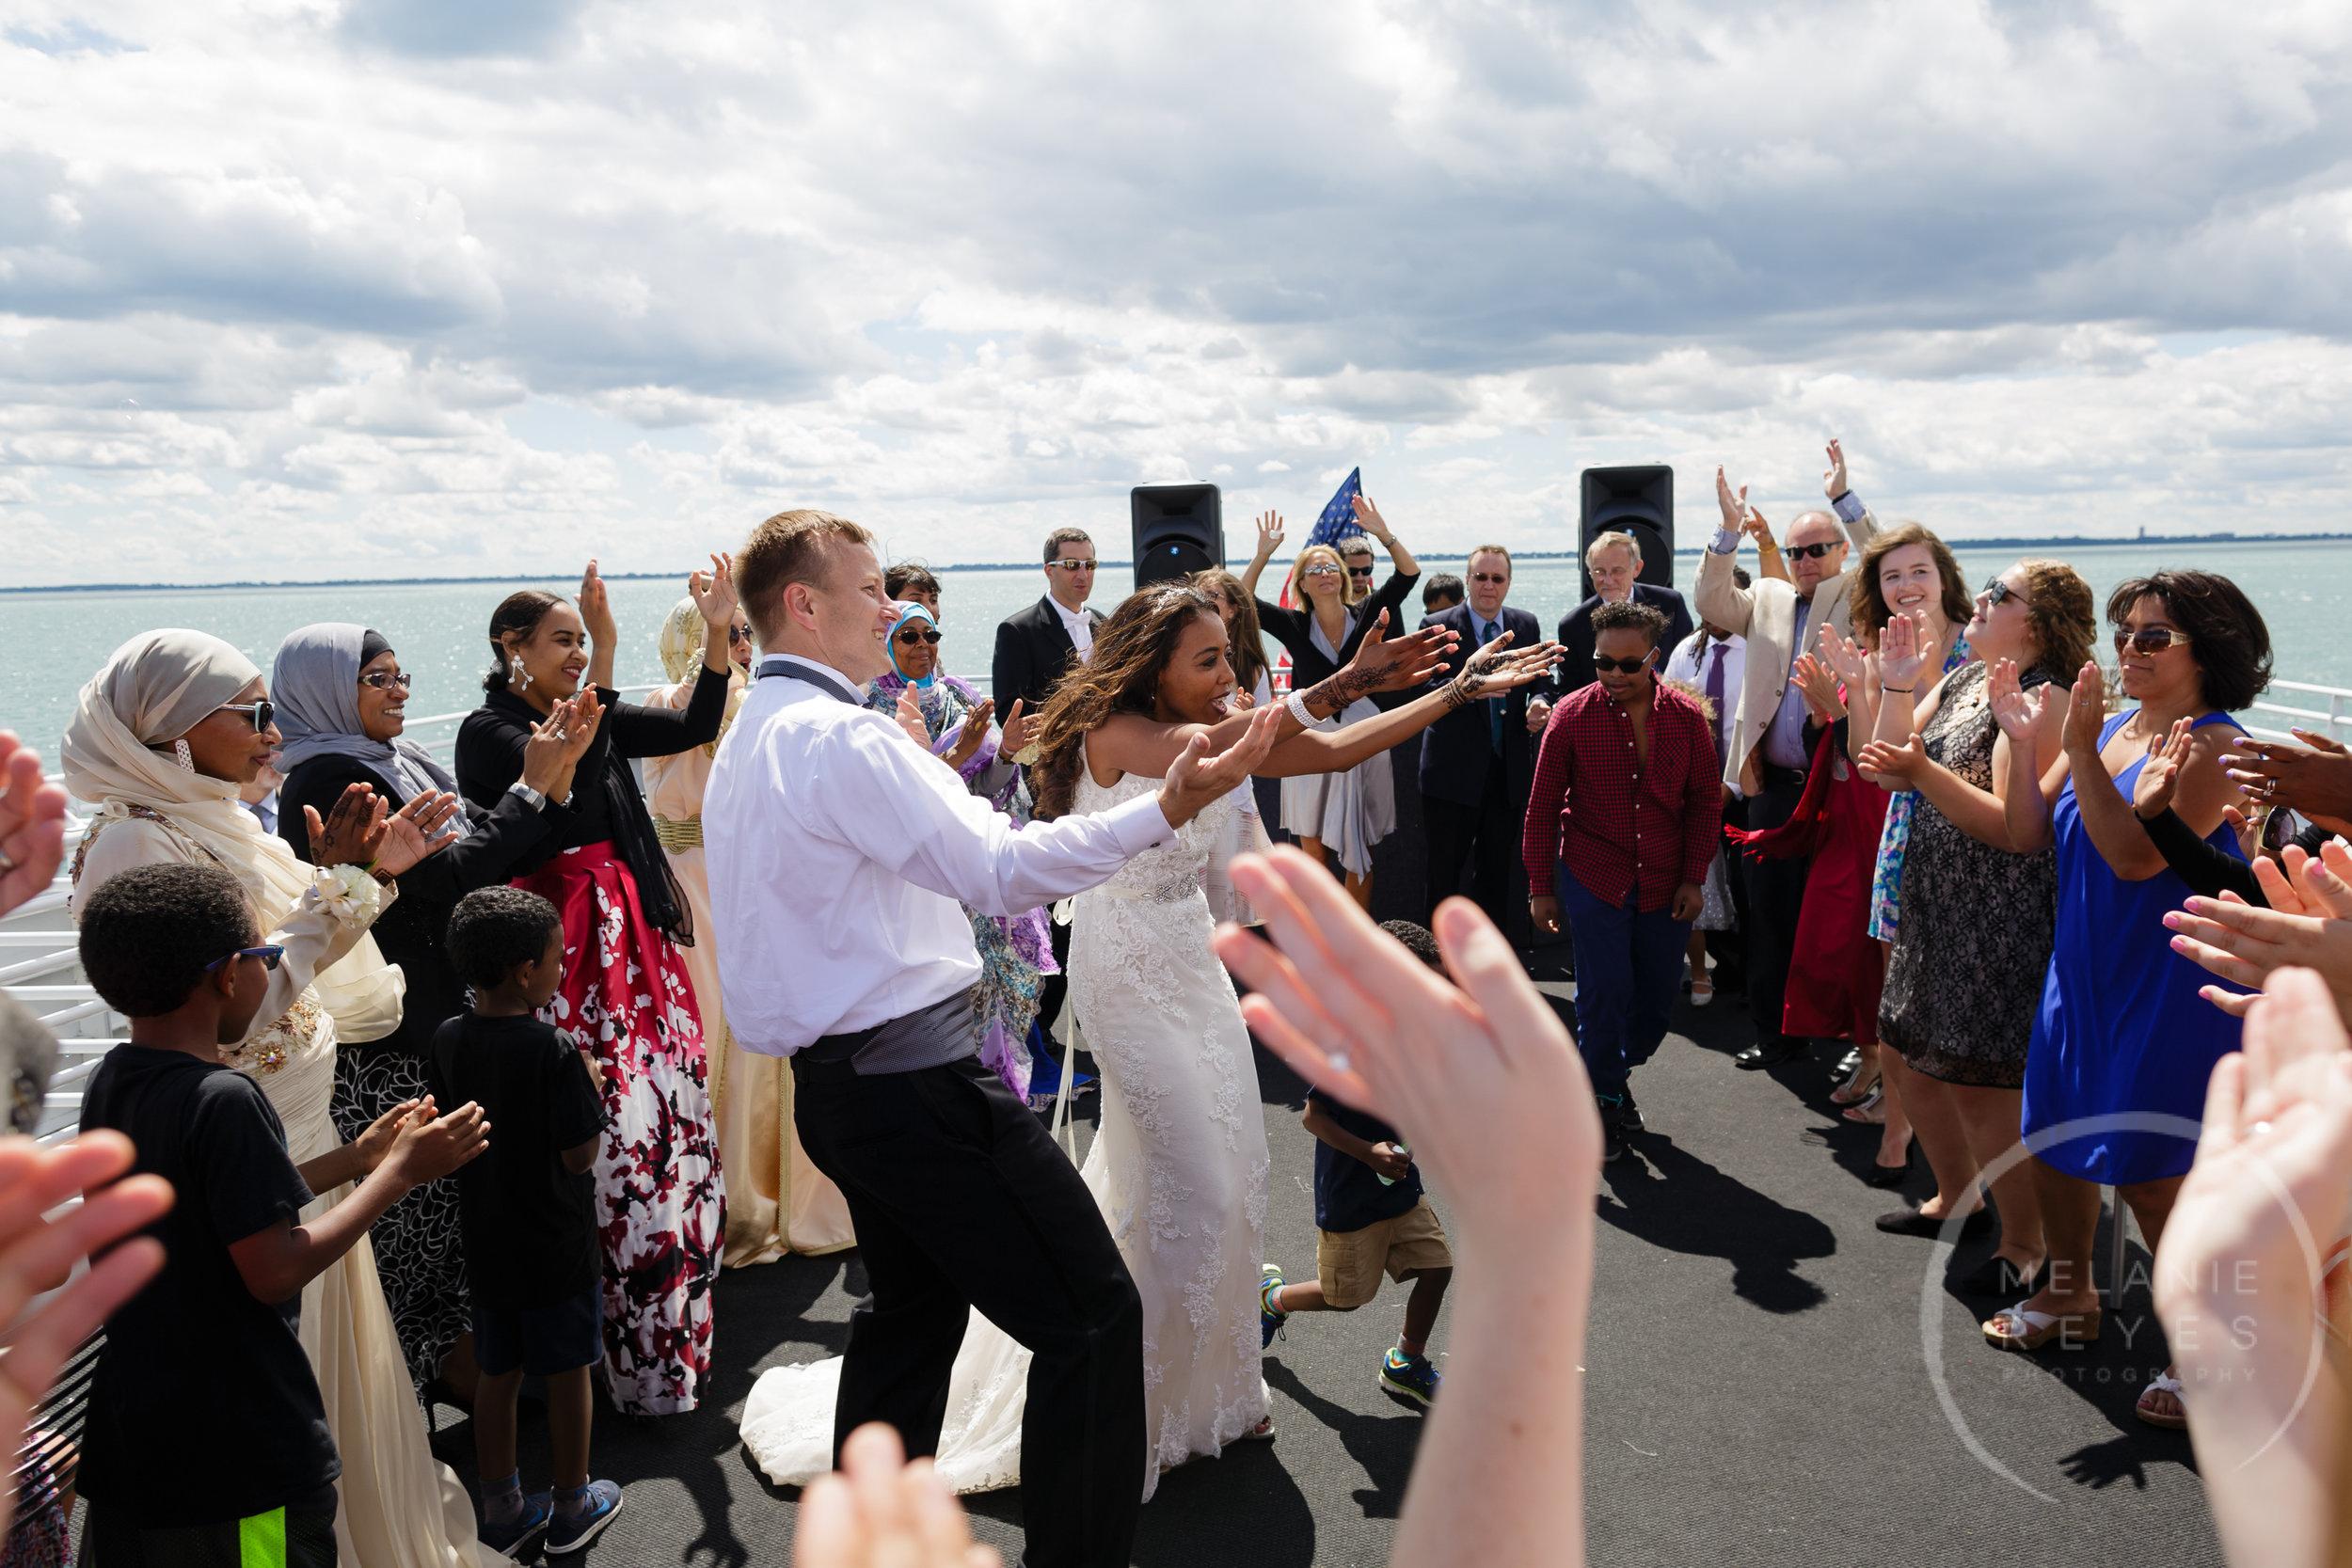 infinity_ovation_yacht_wedding_detroit_melaniereyes54.jpg